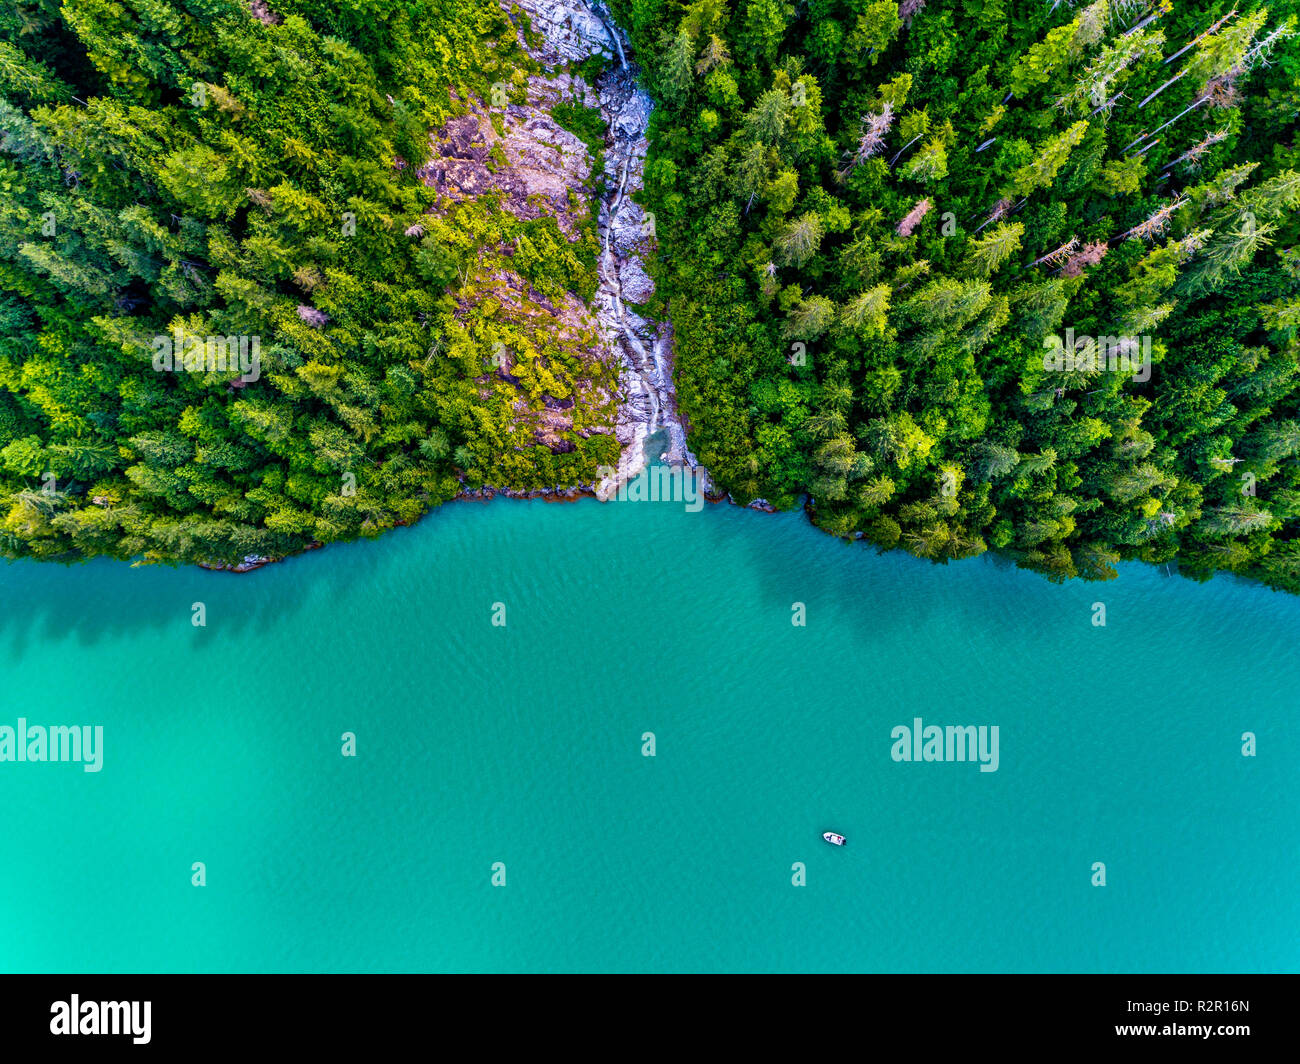 Fotografía aérea de una cascada y el nombre no 'Ambient Light' gira en barco de Knight Inlet, Territorio de las Primeras Naciones, British Columbia, Canadá Imagen De Stock